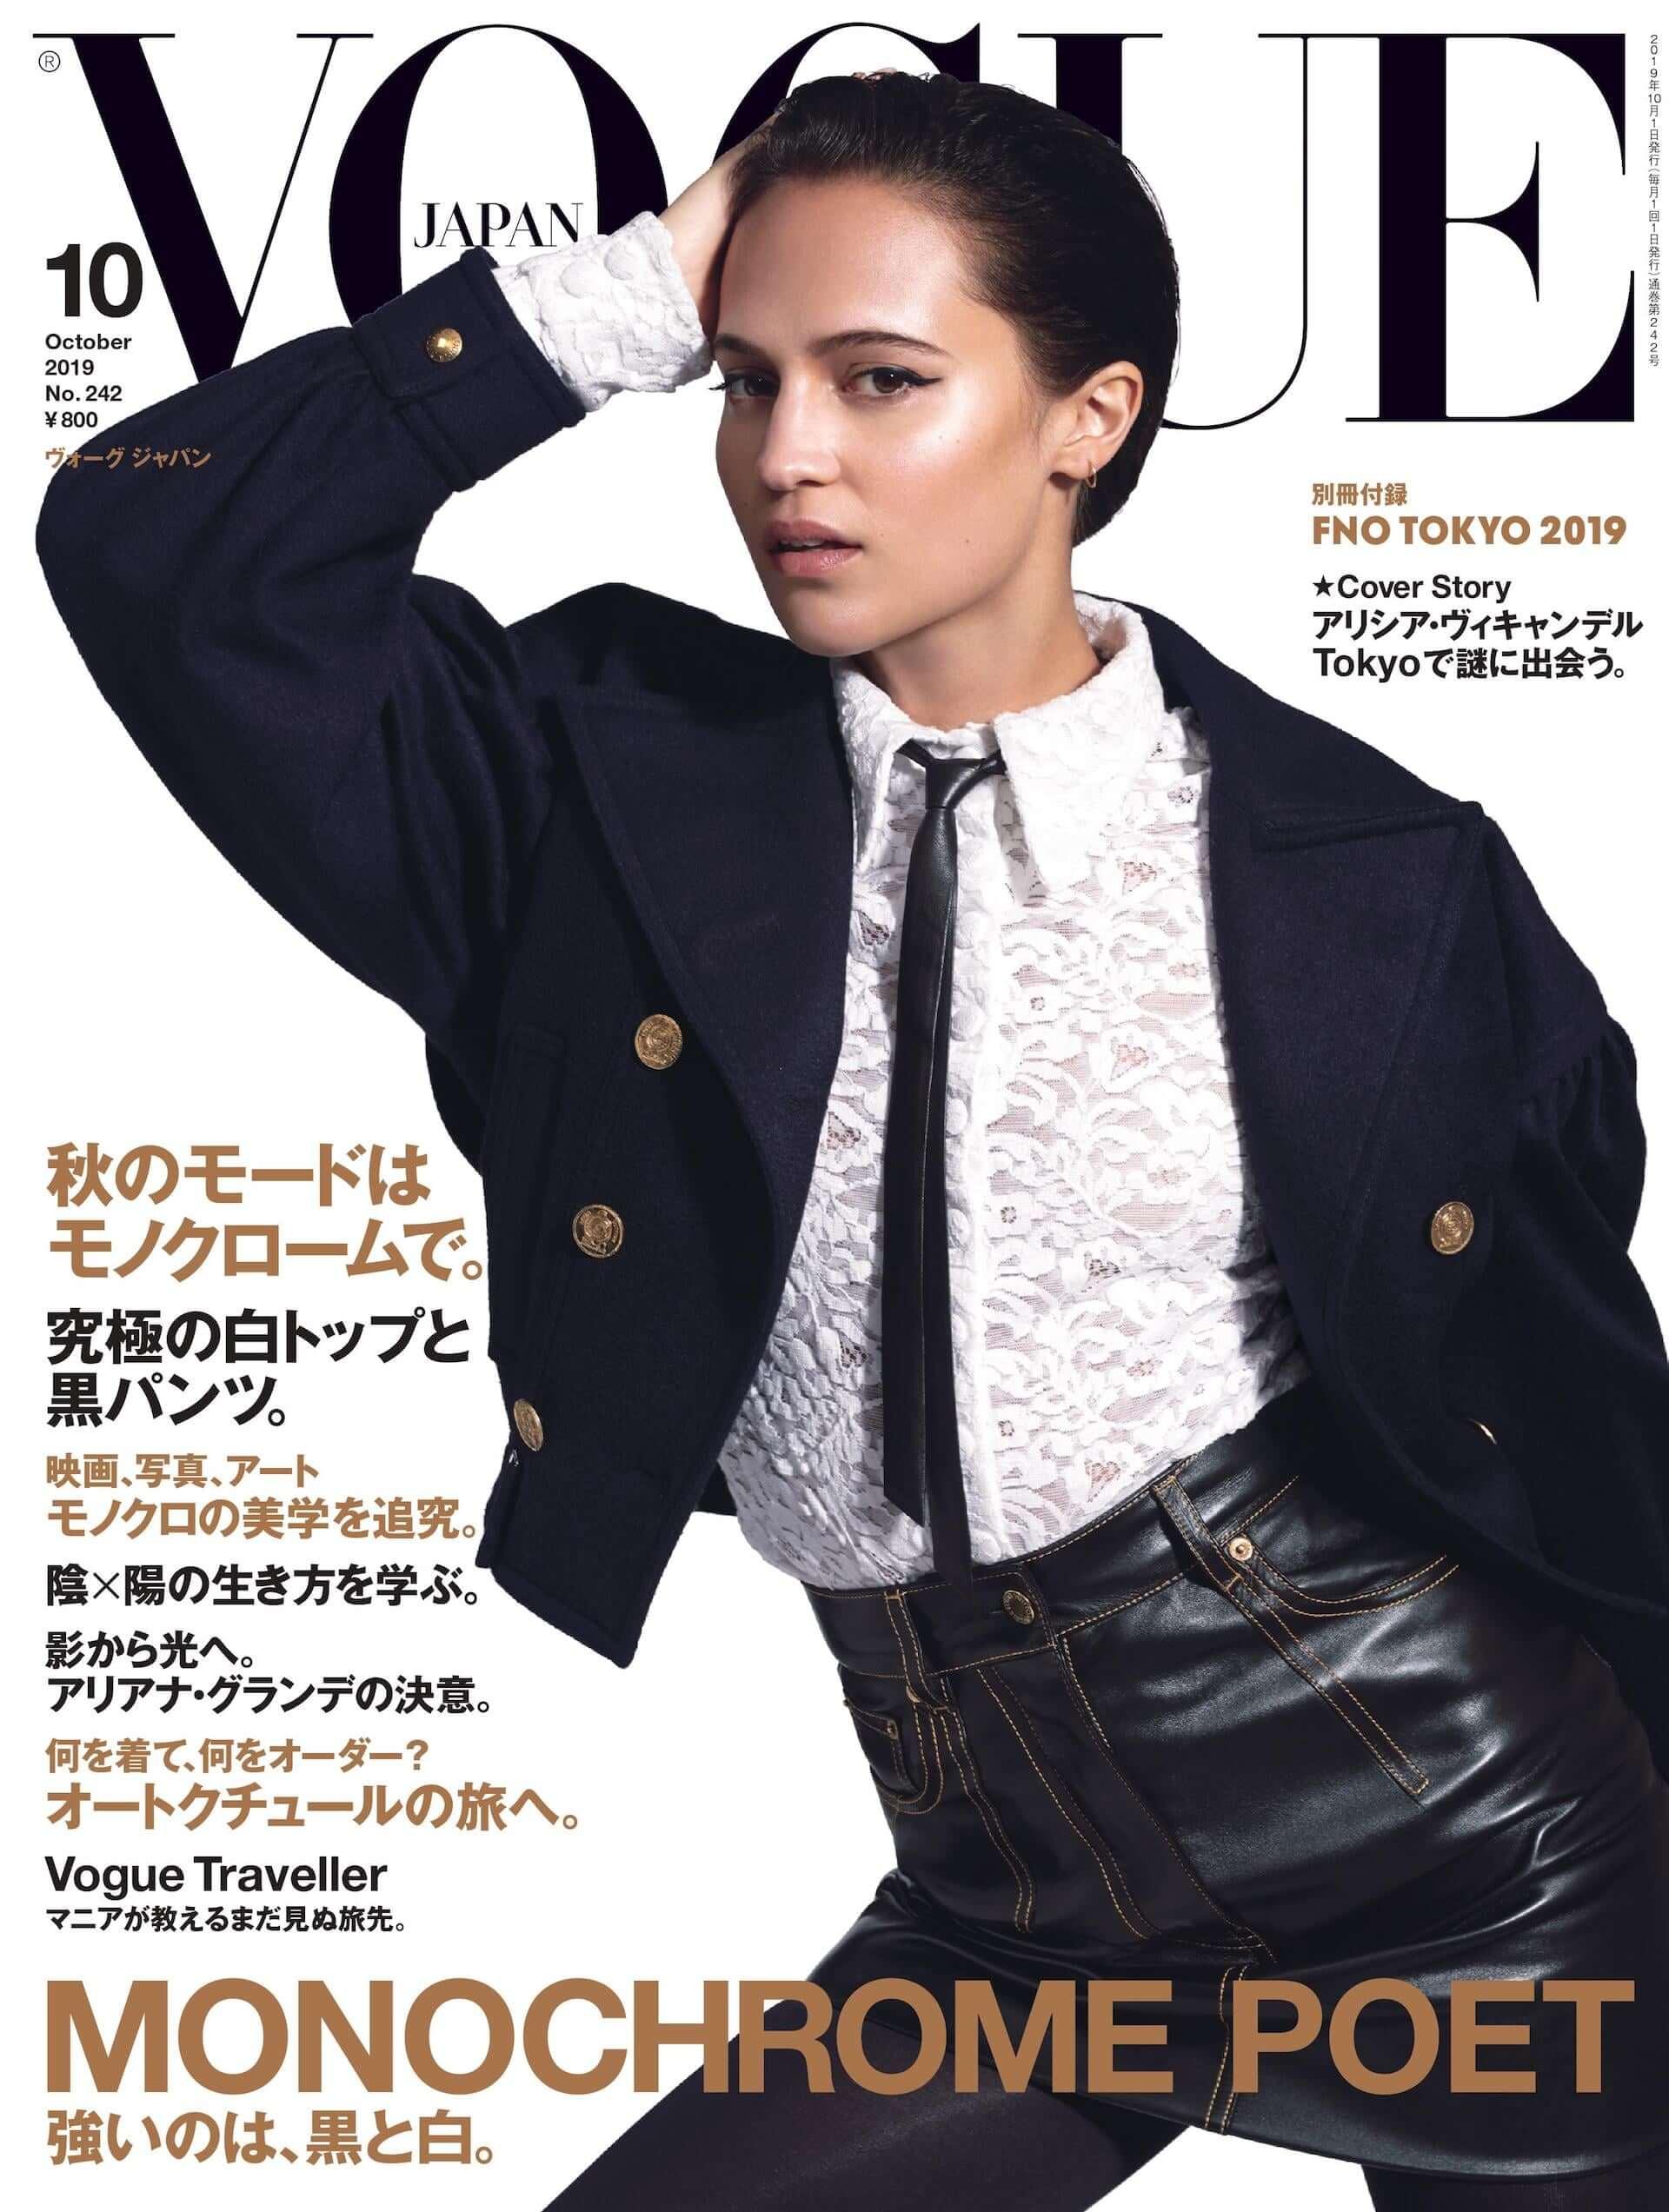 菅田将暉&TAO、1920年代風ファッションに身を包み『VOGUE JAPAN』に登場 life190828_vogue_sudamasaki_tao_1-1920x2545